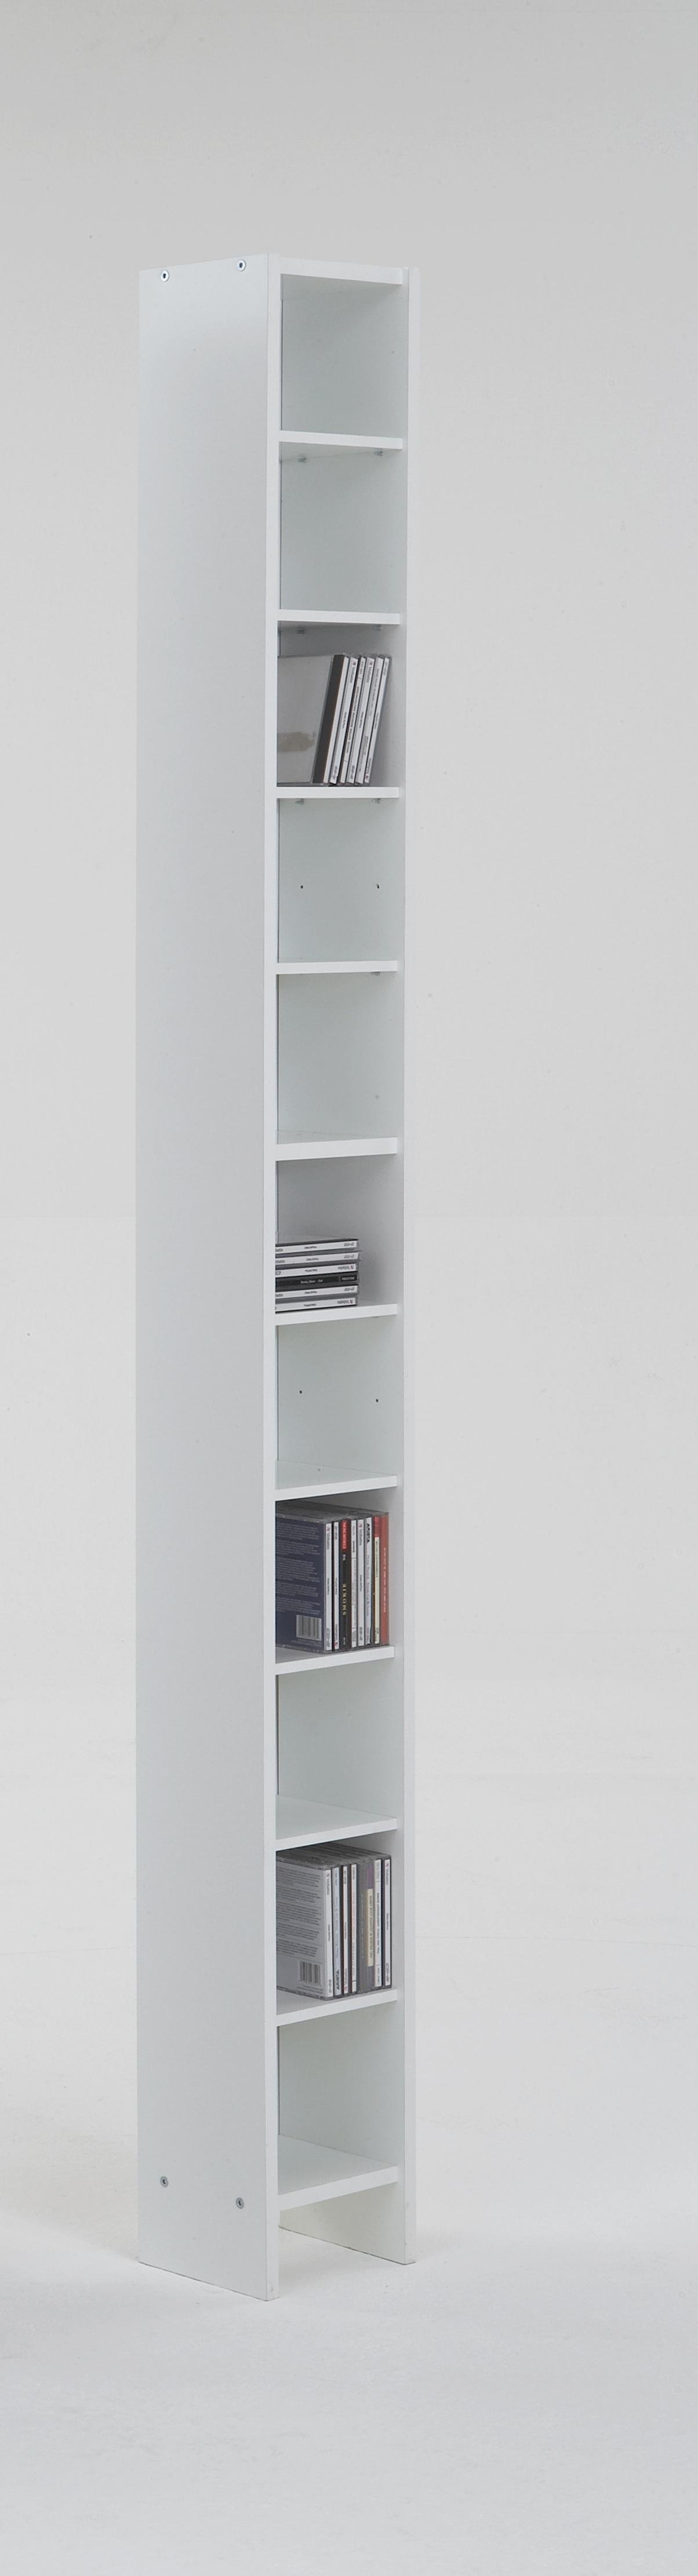 HALLO 2 CD / Videoregal von FMD Weiß